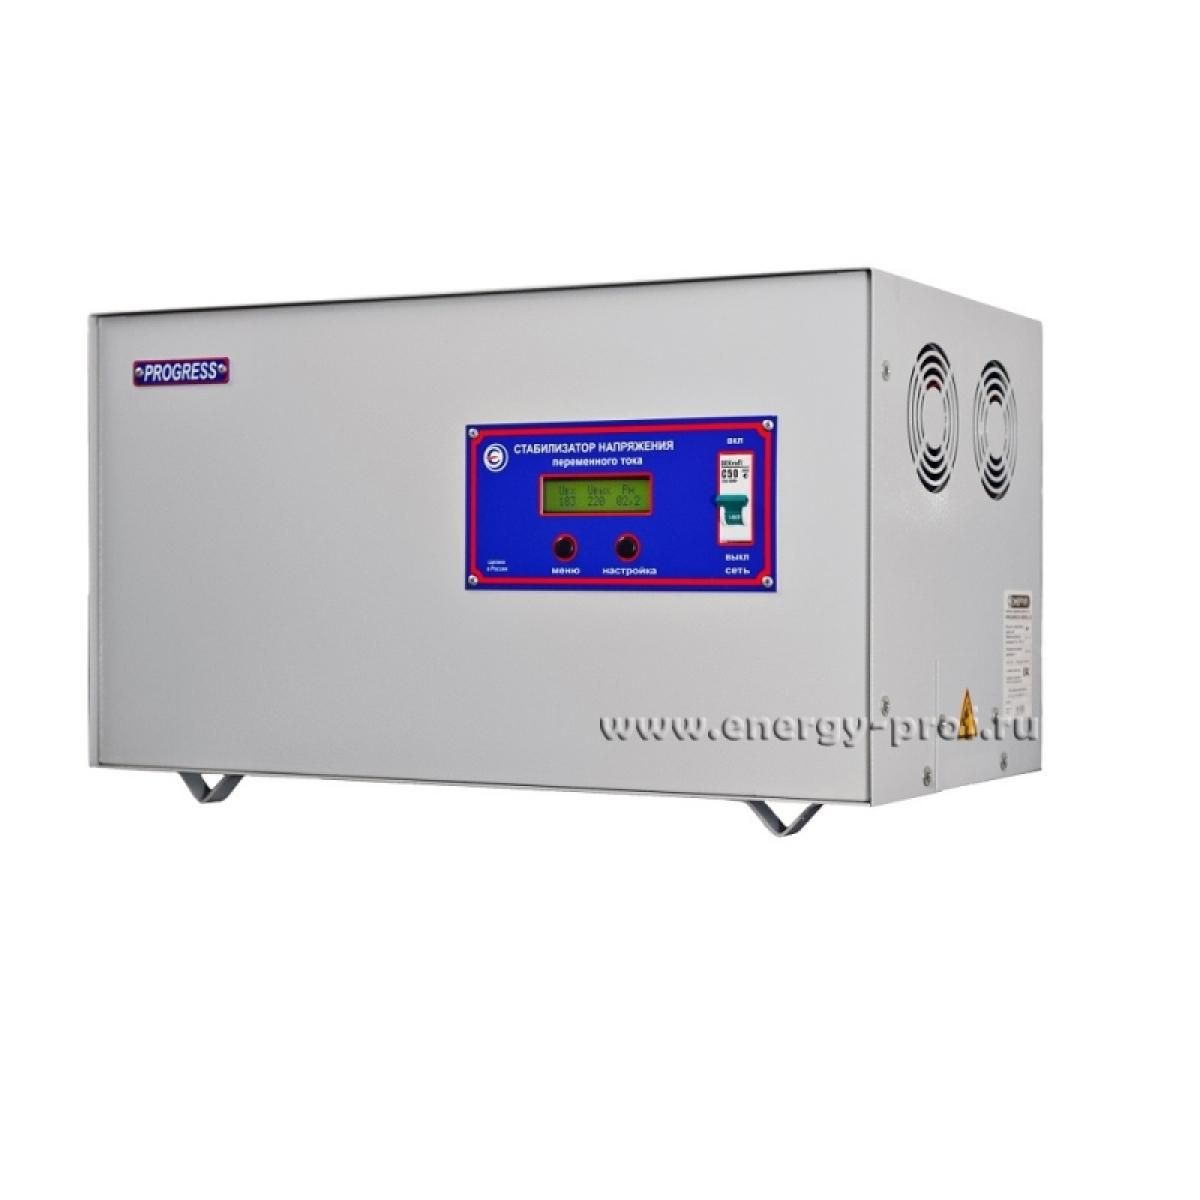 Однофазный стабилизатор PROGRESS 5000SL